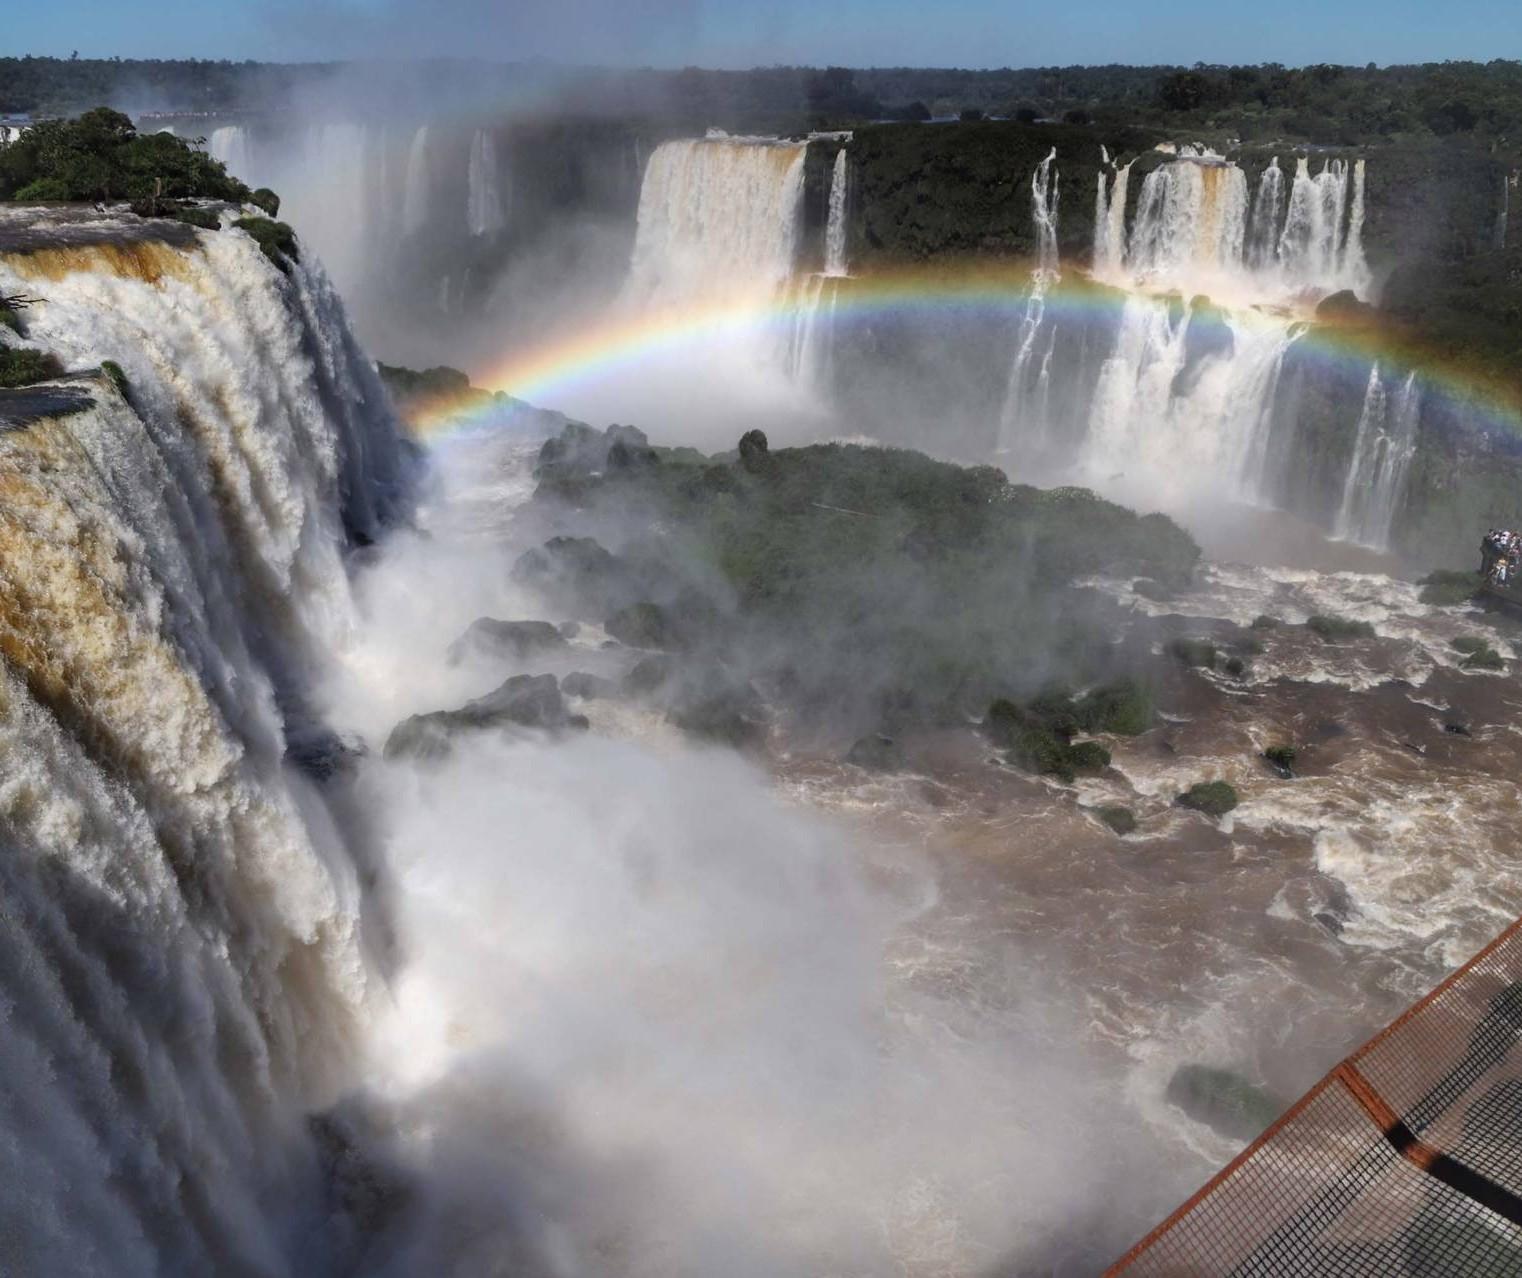 Cataratas do Iguaçu registram a maior vazão de água desde fevereiro